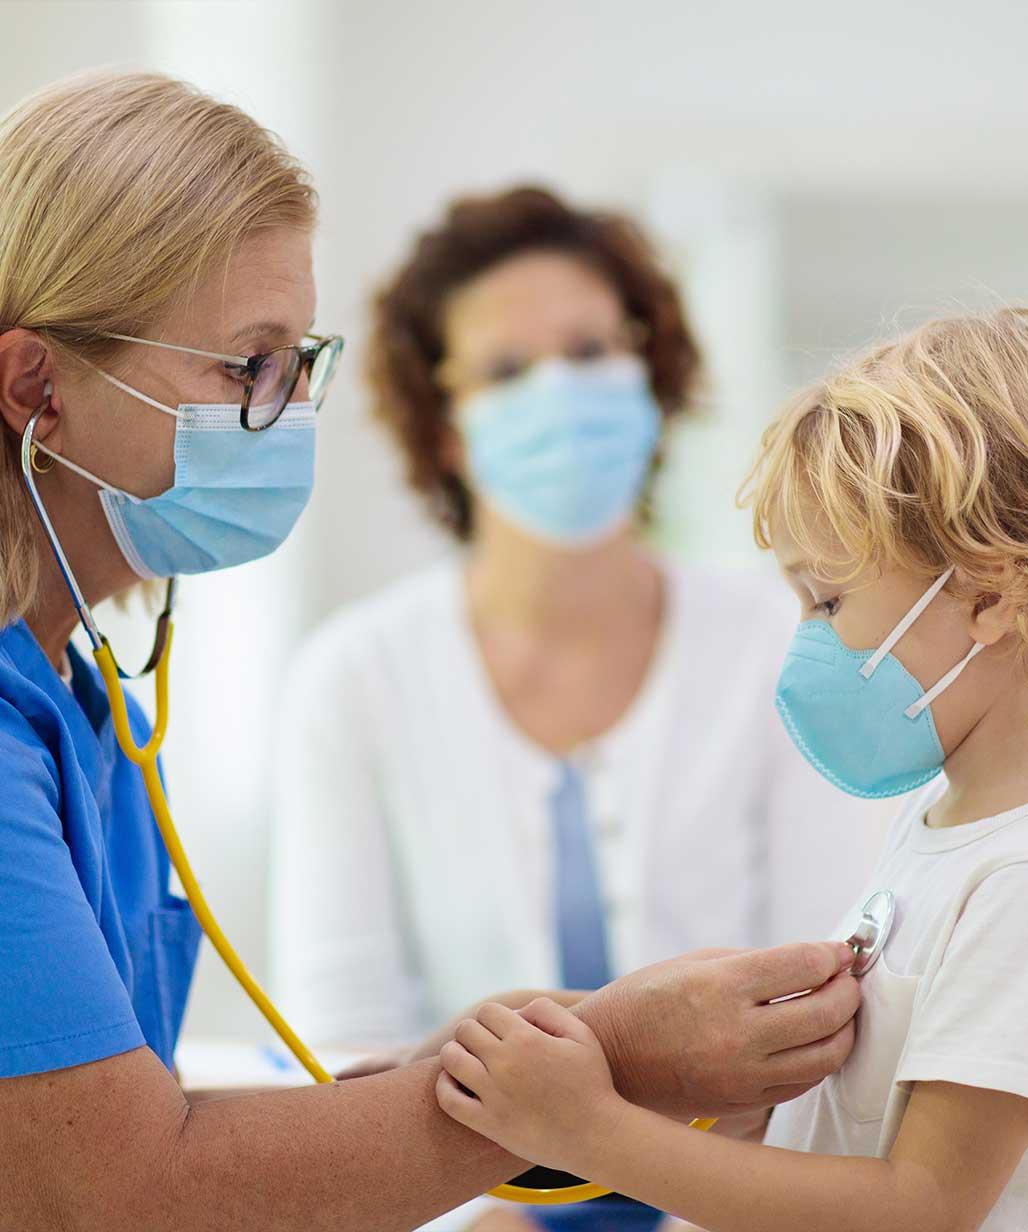 Kind wird von Ärztin untersucht, beide tragen eine medizinische Maske